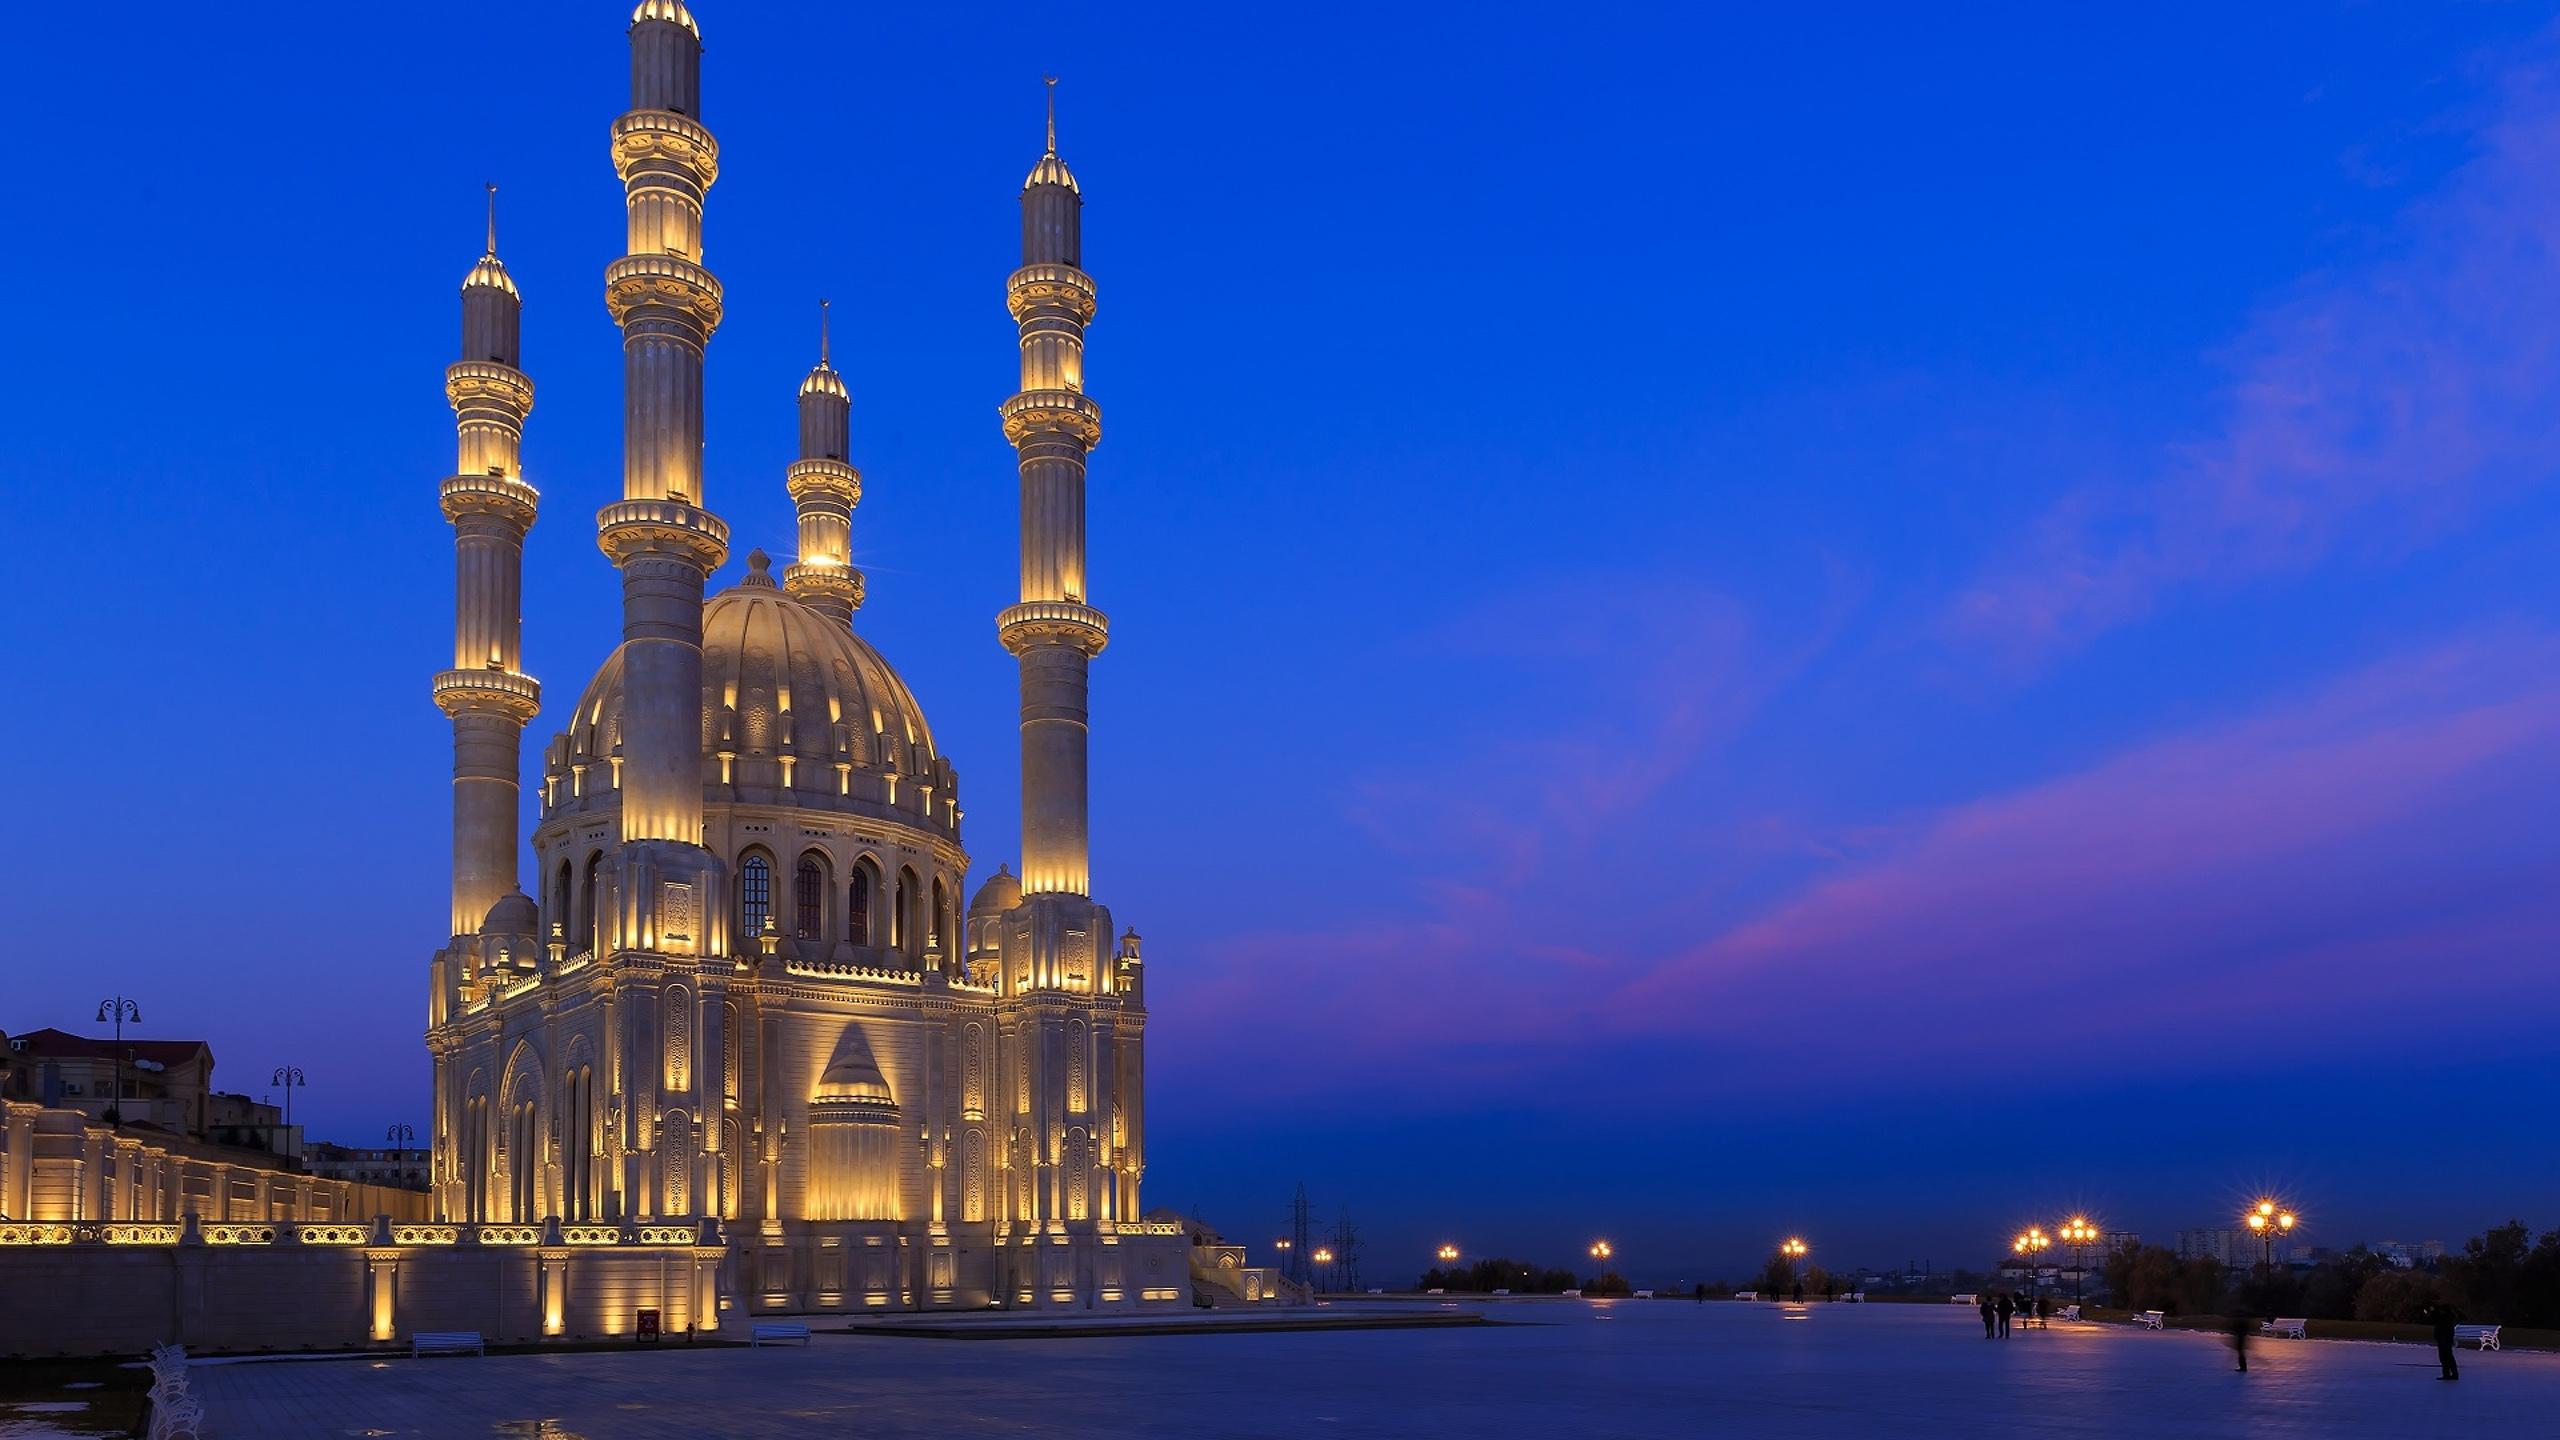 фотографии мечетей мира хорошем качестве озадачил, округе